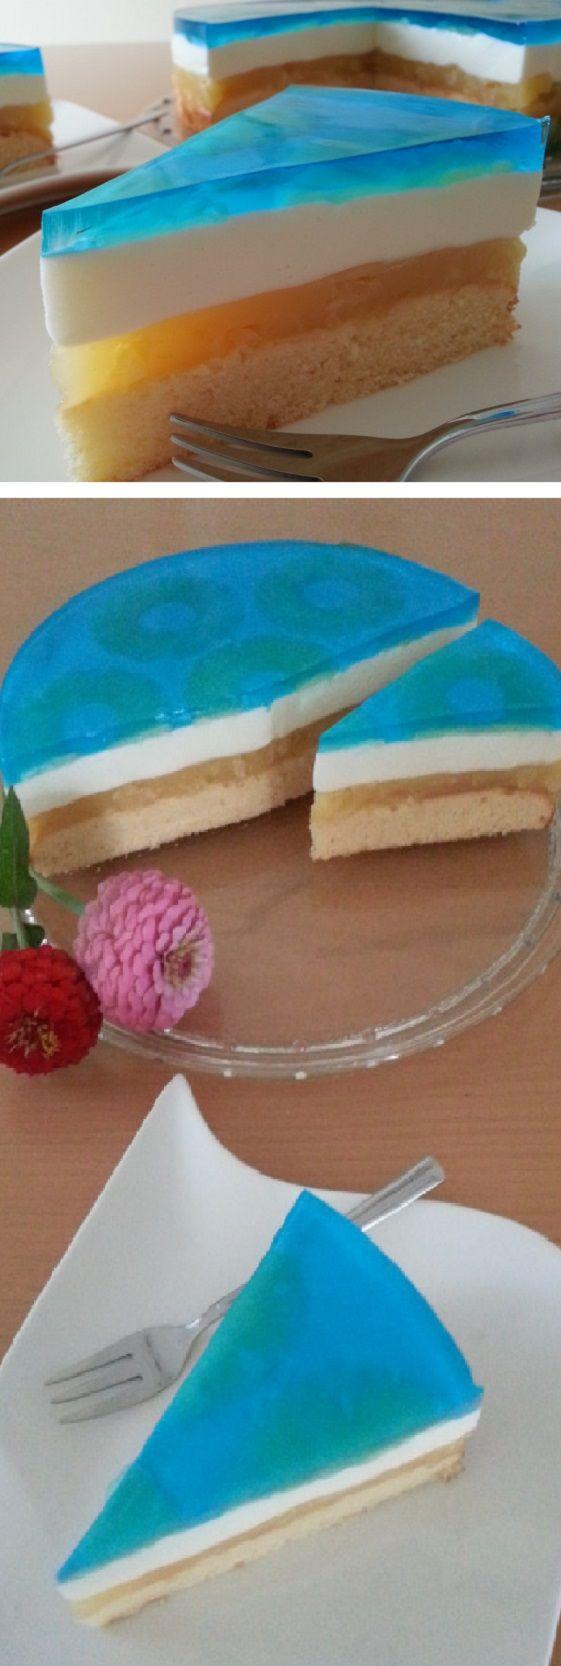 El aspecto genial: TORTA DE PISCINA o Pastel Azul. #receta #recipe #casero #torta #tartas #pastel #nestlecocina #bizcocho #bizcochuelo #tasty #cocina #chocolate #queso #piscina #azul #pastel #gelato Para la masa, bata los huevos con azúcar hasta que estén espumosos. Mezcla el aceite con el jugo de piña y d...